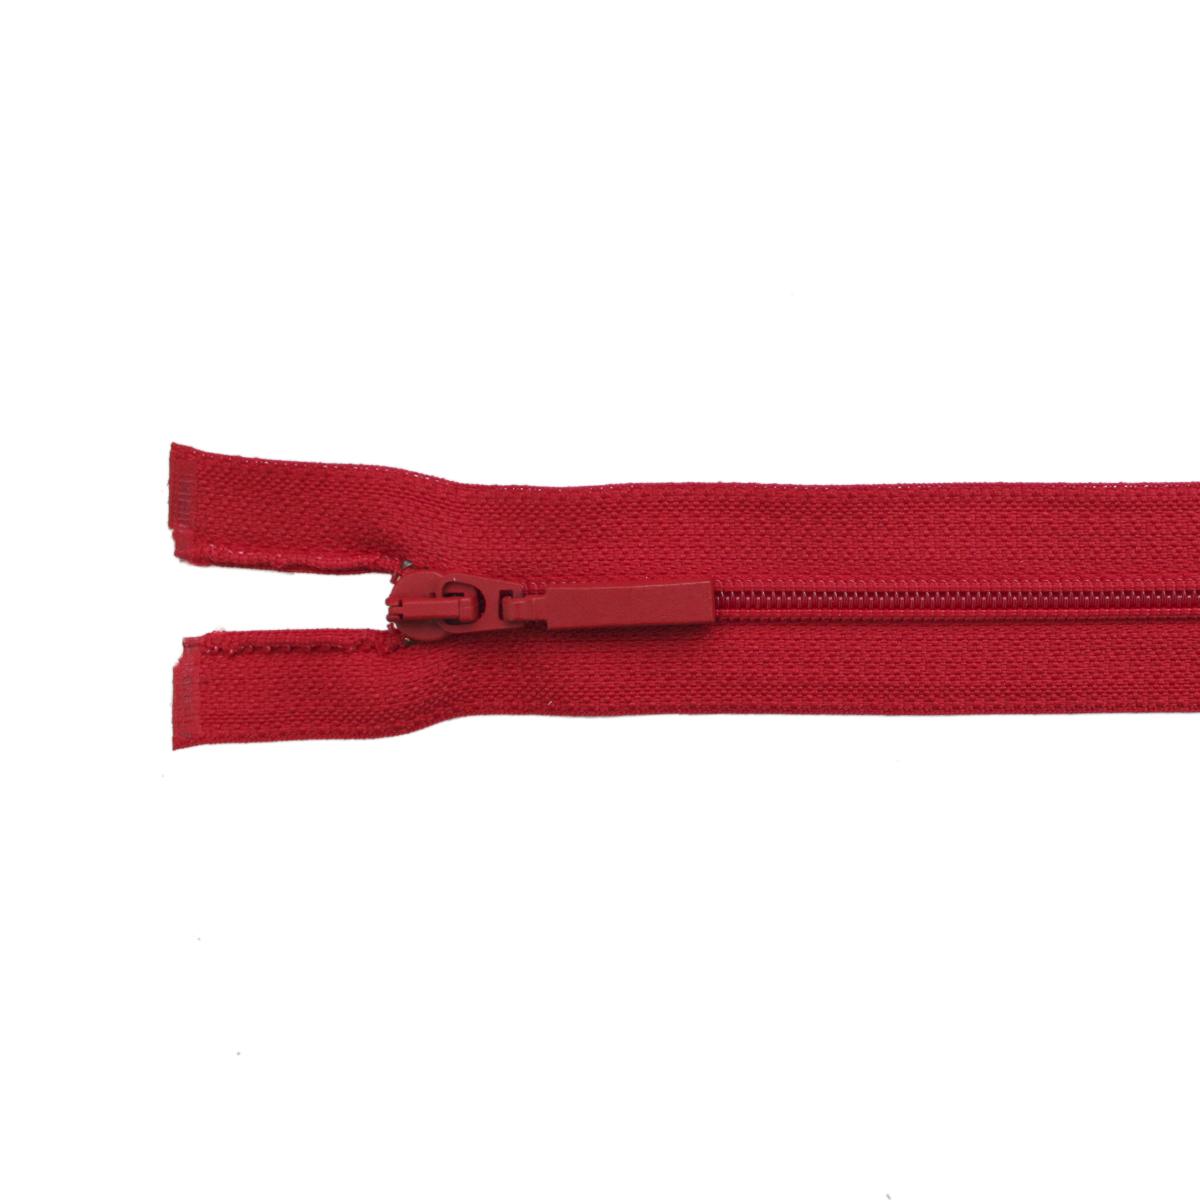 Застежка-молния витая Arta-F, цвет: красный (519), 60 см25360-519Продукция ARTA-F сертифицирована на Российский, Британский и Латвийский стандарт. Фурнитура ARTA-F изготавливается из европейских материалов, на современном оборудовании, в соответствии с высокими требованиями стандартов. Вся продукция фабрики проходит тесты на качество.Звено застежки-молнии Экстра имеет боковые приливы, которые исключают контакт замка с текстильной лентой, а сокращенный до минимума зазор между замком и приливами звена предохраняет от возможности попадания в замок подкладки, меха, нитей. В то же время эти меры повышают прочность застежки при высоких нагрузках, особенно на изгиб. Применение таких приливов на молниях ARTA-F не только повышает эксплуатационные качества застежки, но и увеличивает прочность крепления звена к ленте, и продлевает срок службы застежек-молний ARTA-F. Такая застежка-молния безопасна, легка в использовании и не повредит одежду.